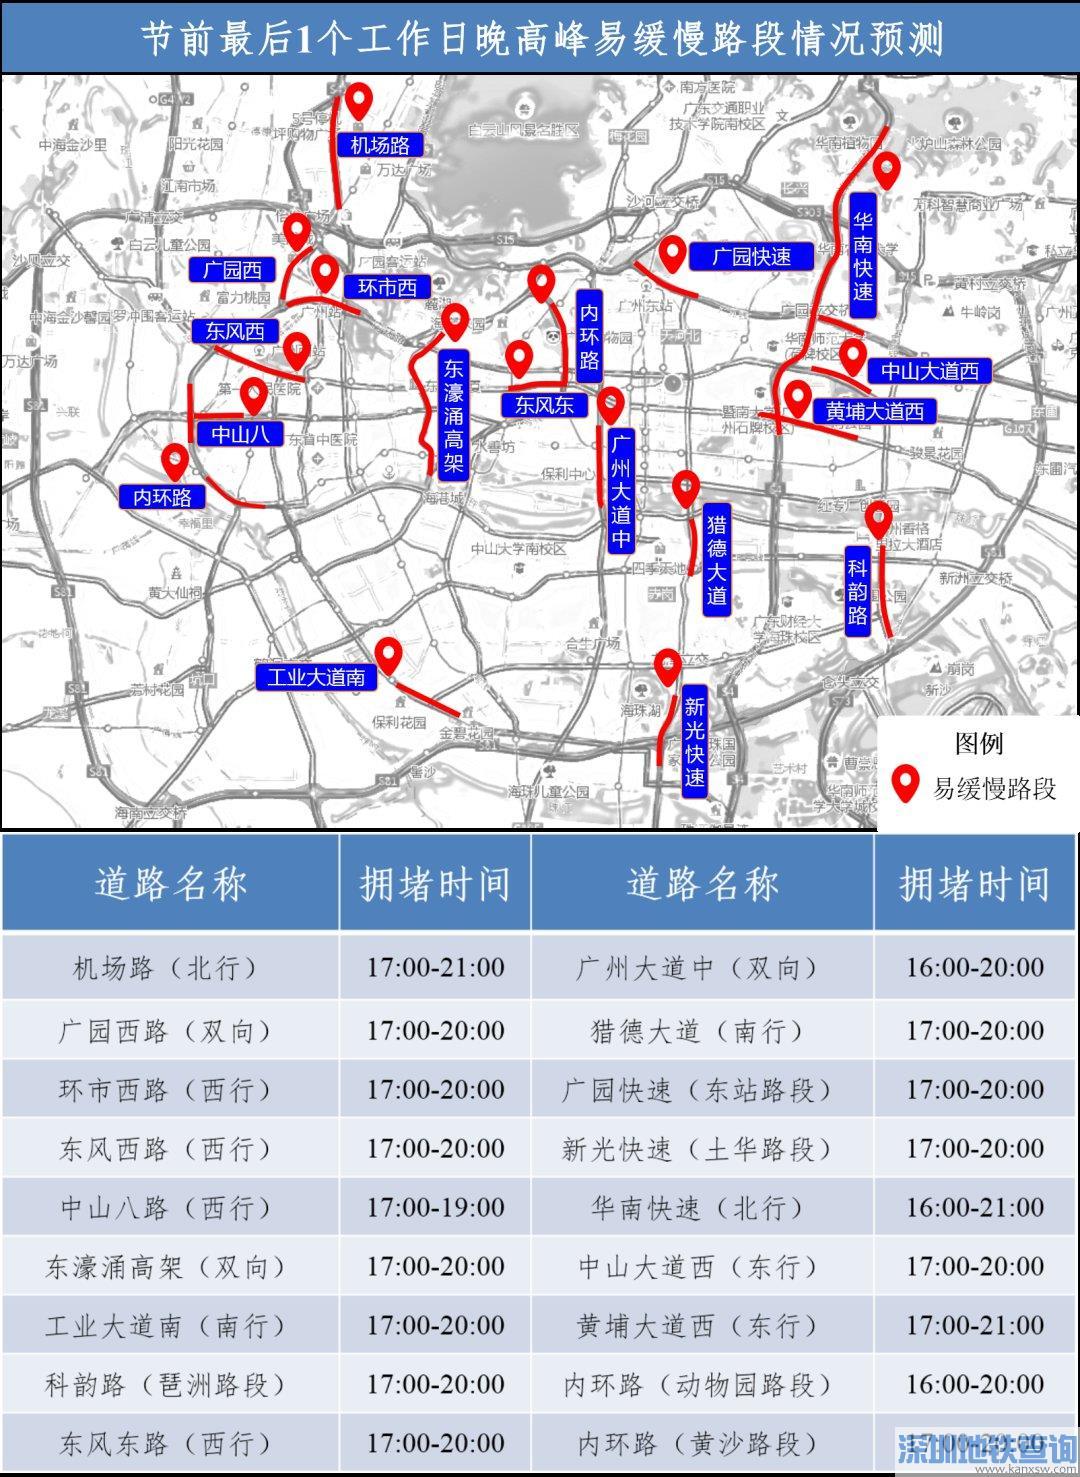 广州4月2日清明节前一天哪里比较堵(易堵路段+时间段)